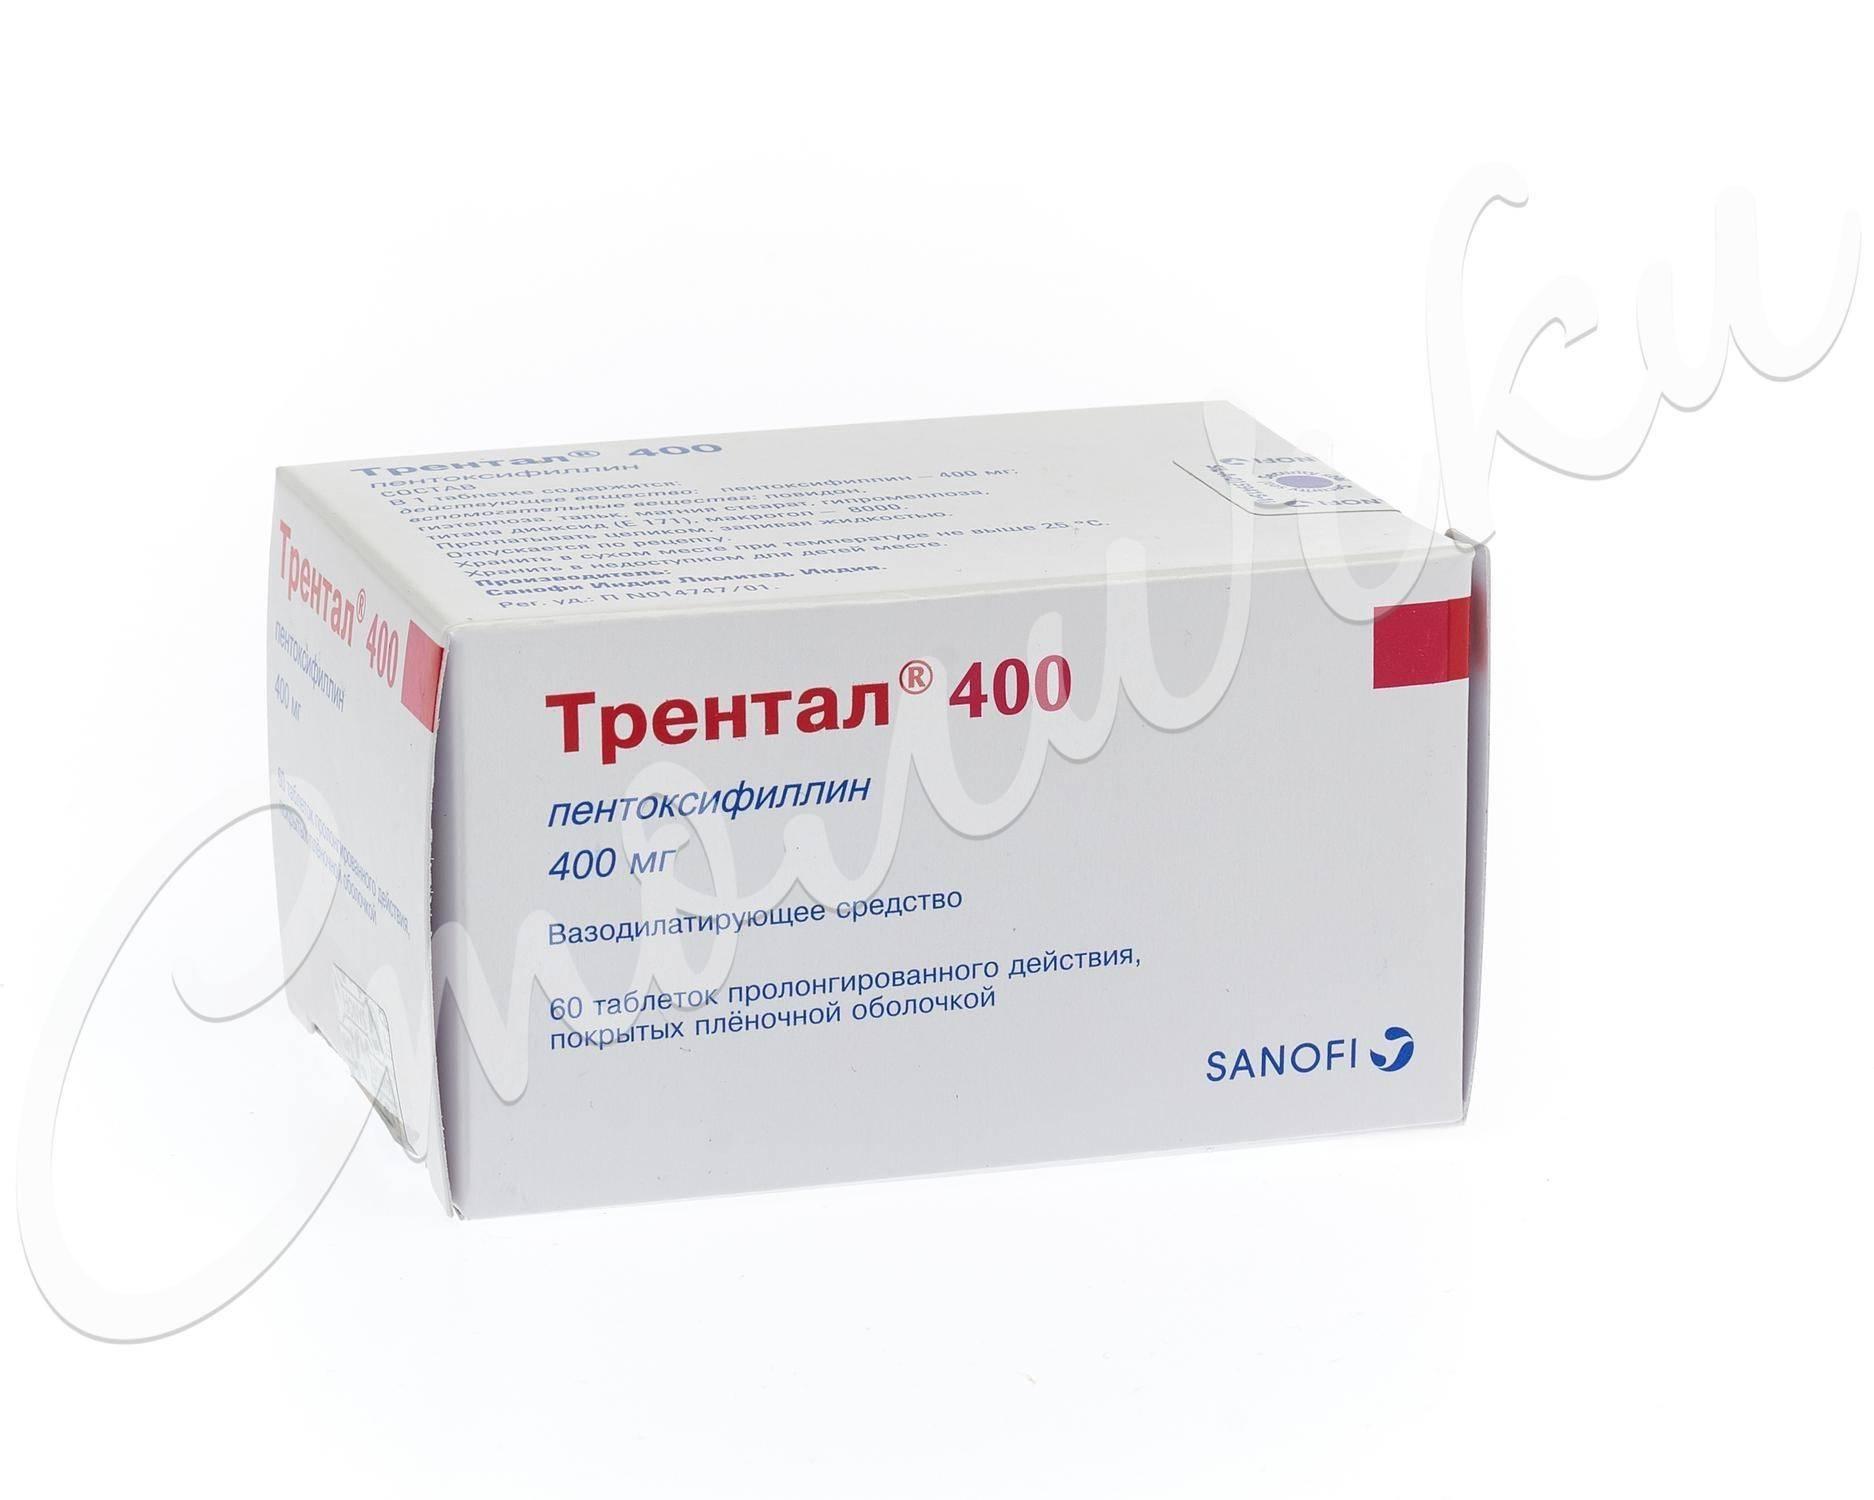 Уколы, таблетки трентал: инструкция, цена, аналоги и отзывы